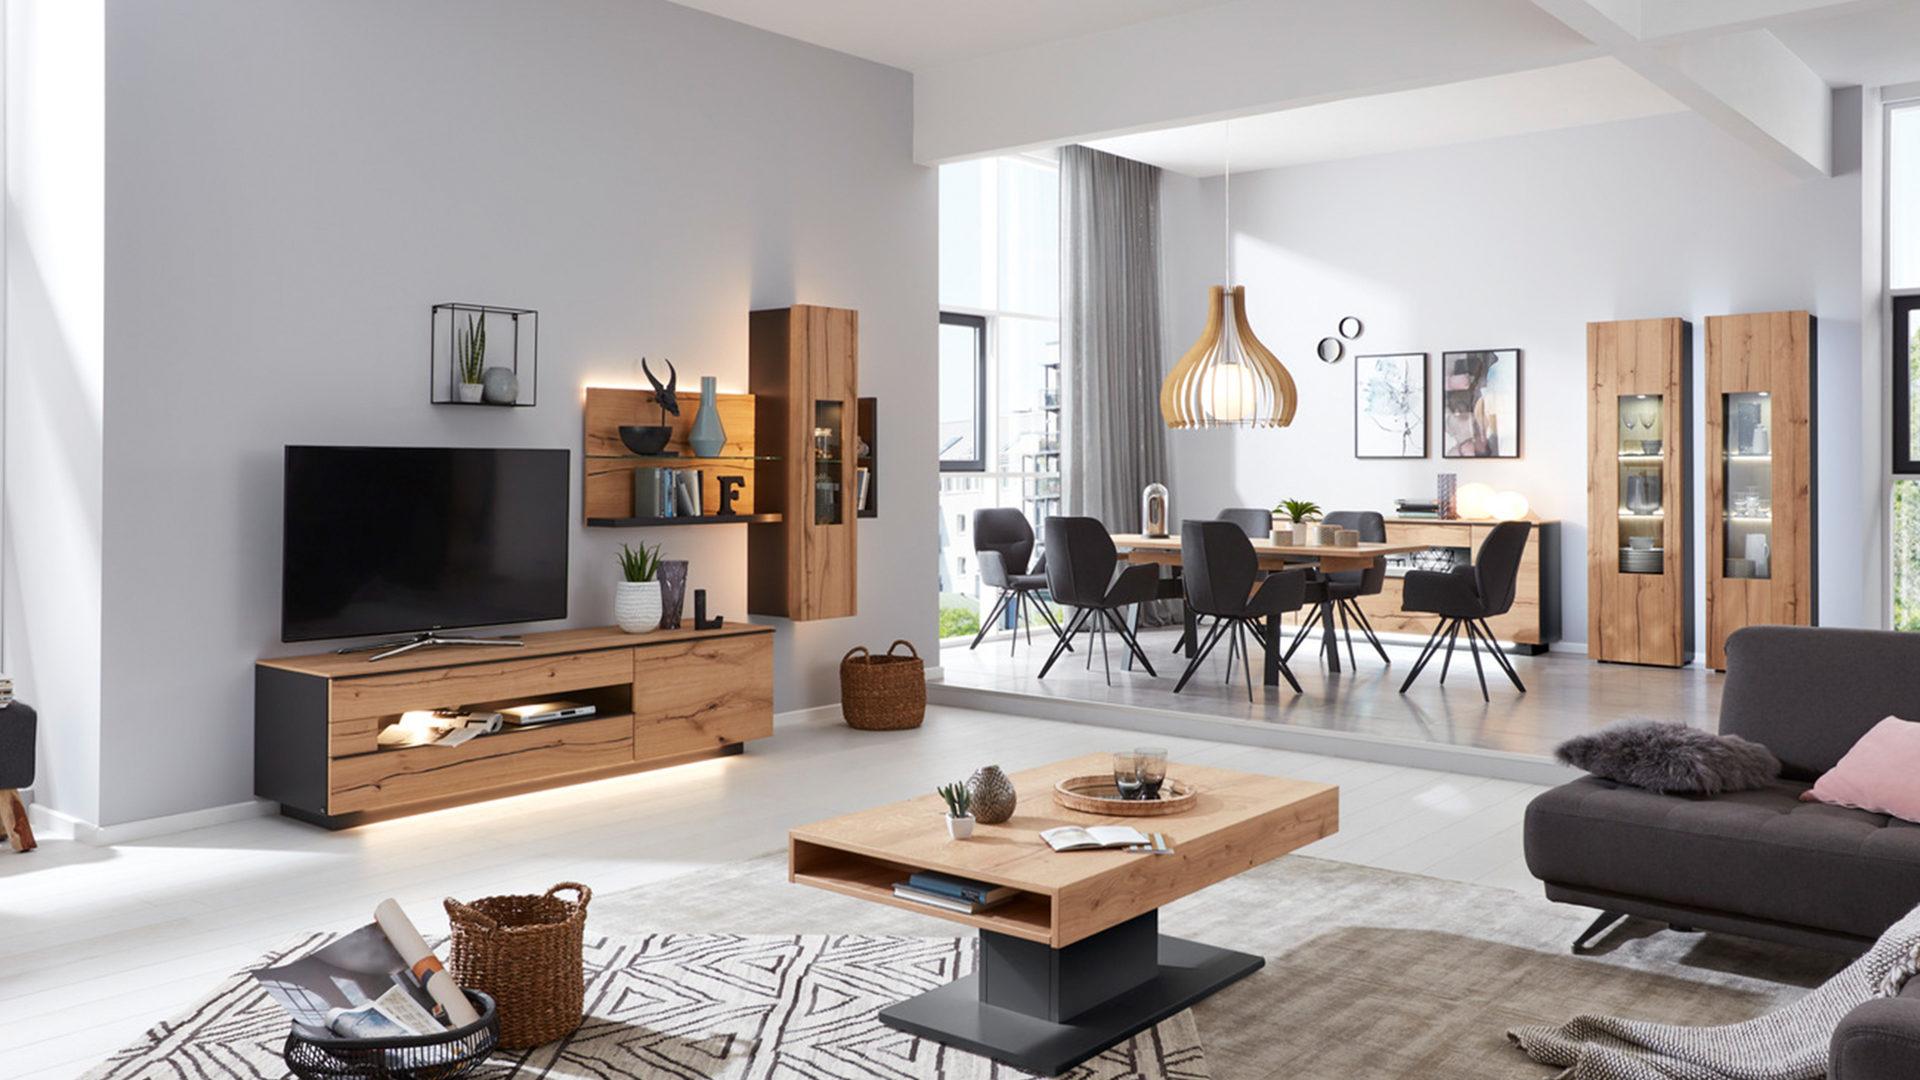 Favorit Interliving Wohnzimmer Serie 2103 – Wohnwand 560001S mit Beleuchtung, SX47